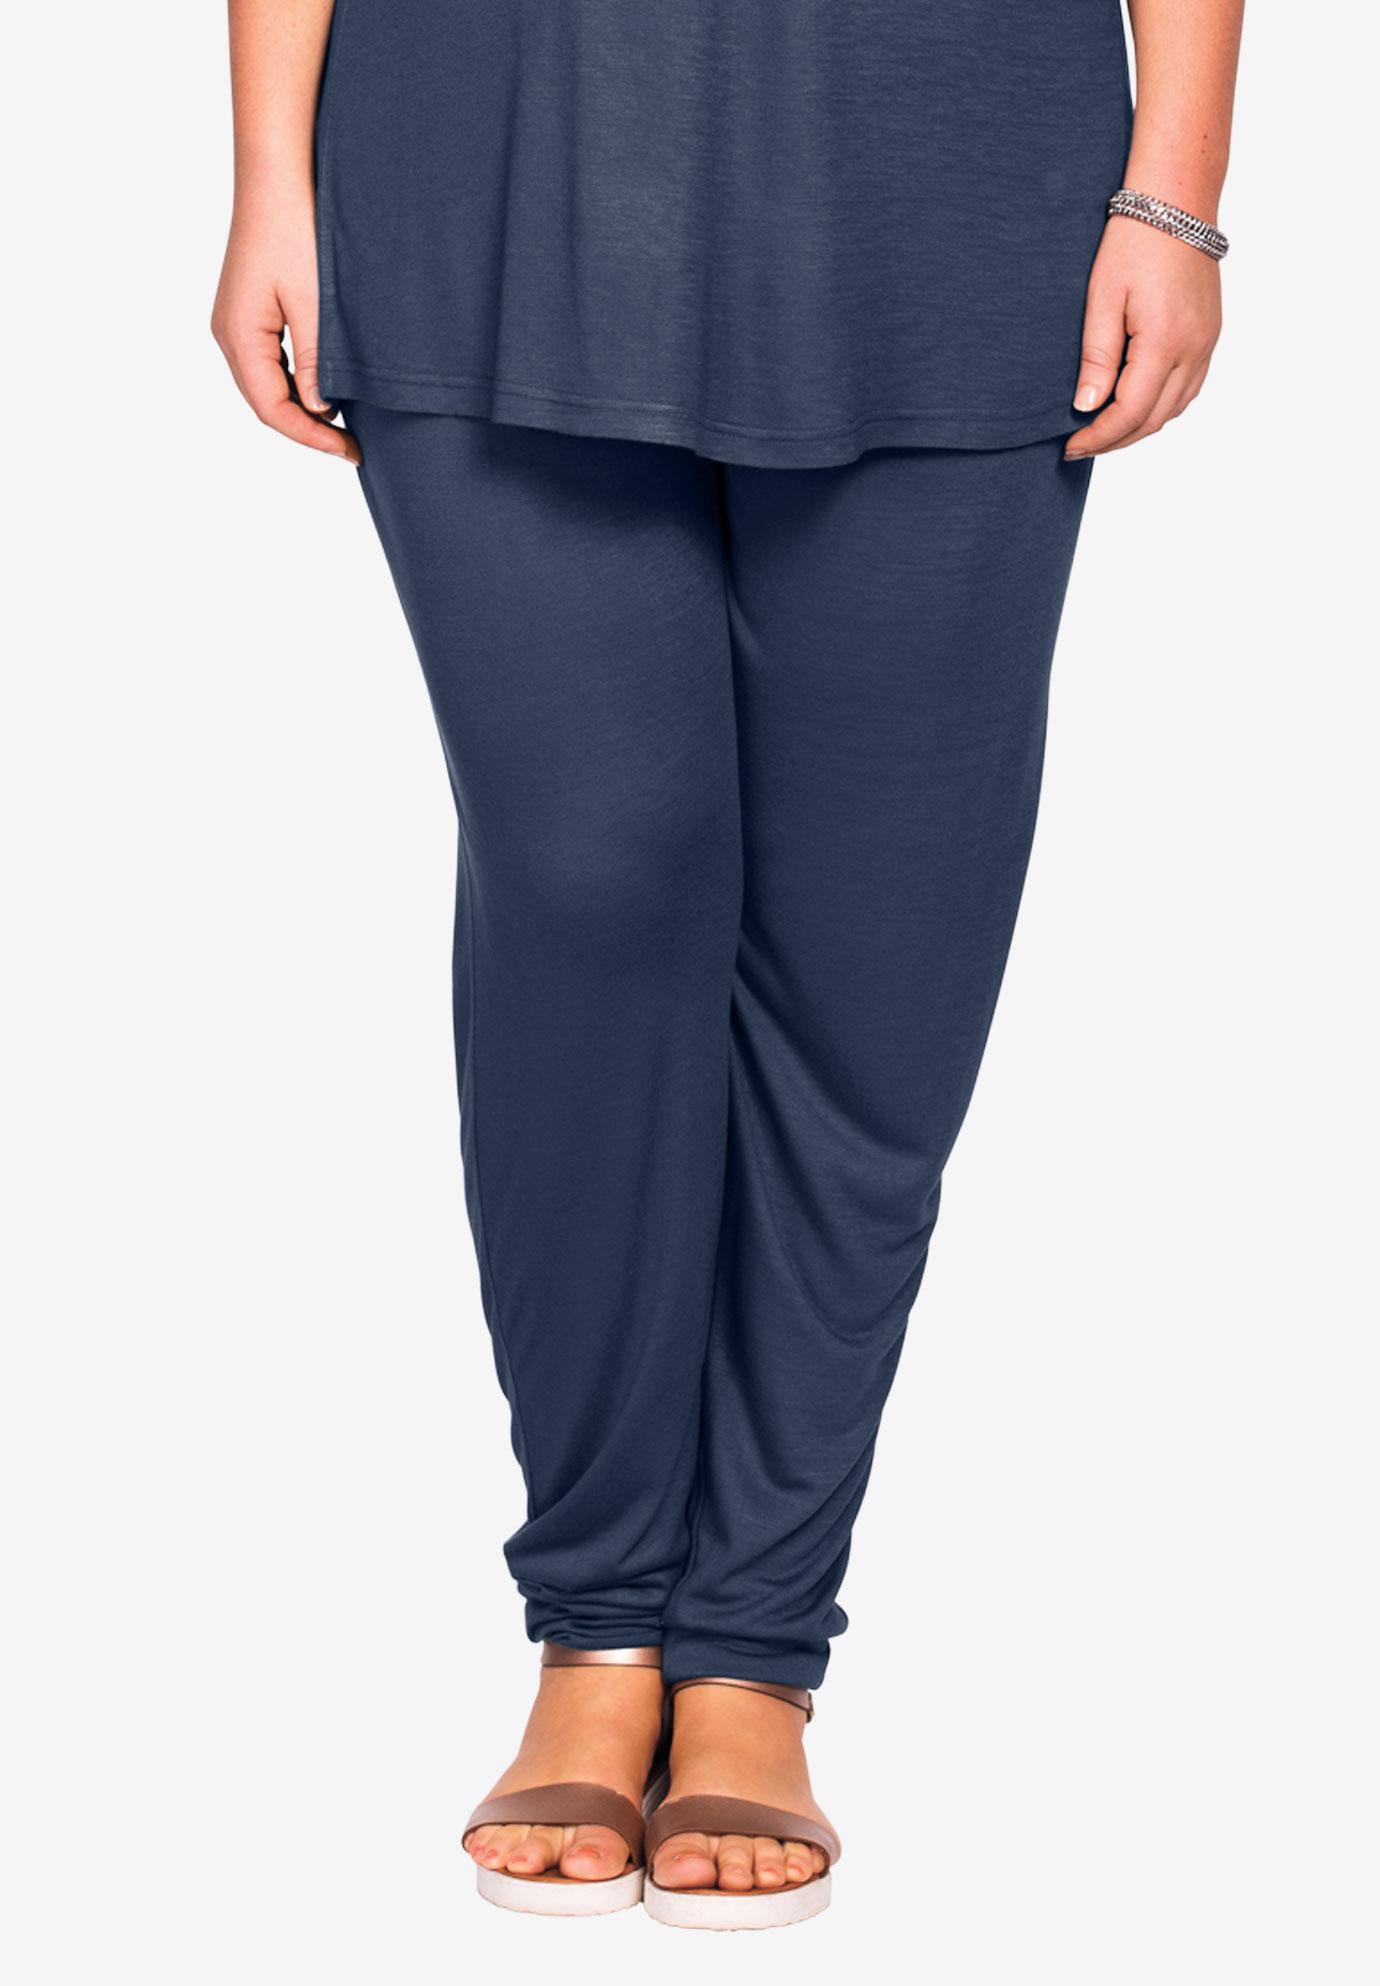 Soft Knit Elastic Waist Pants by ellos®| Plus Size Bottoms | Ellos